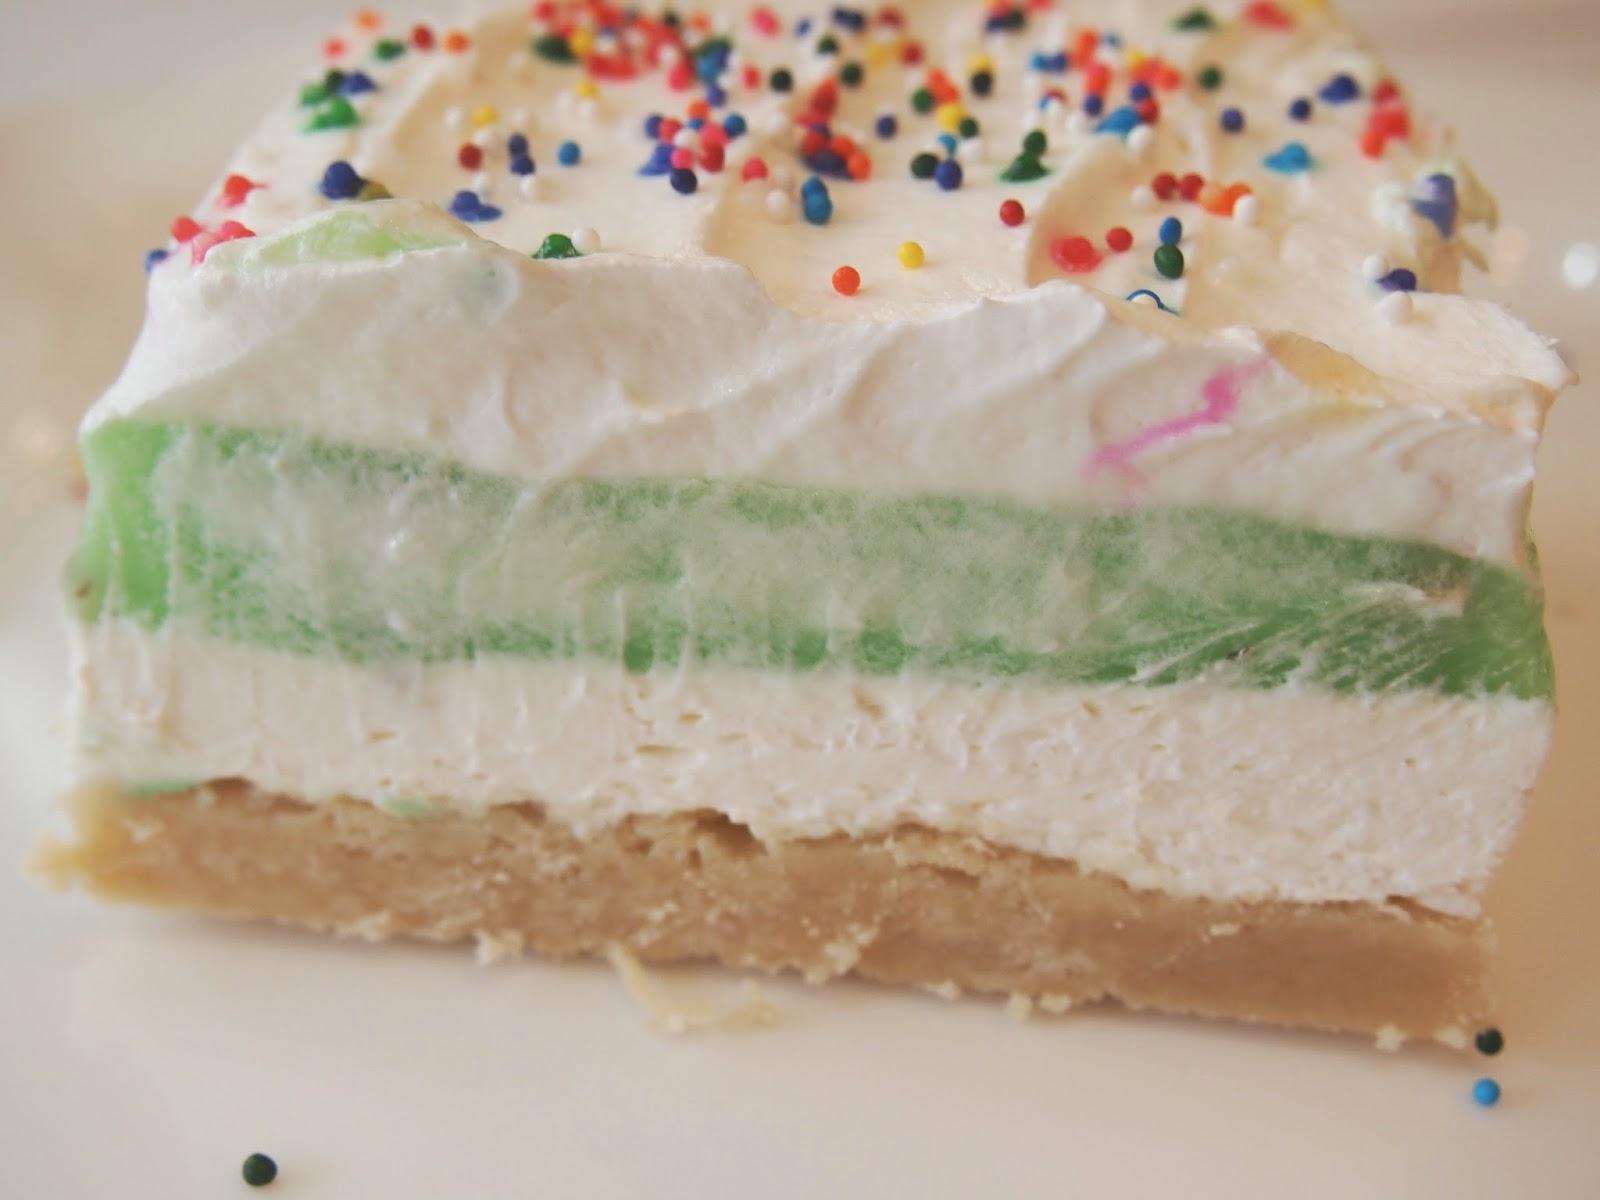 Gluten Free Desserts made Delicious: April 2014